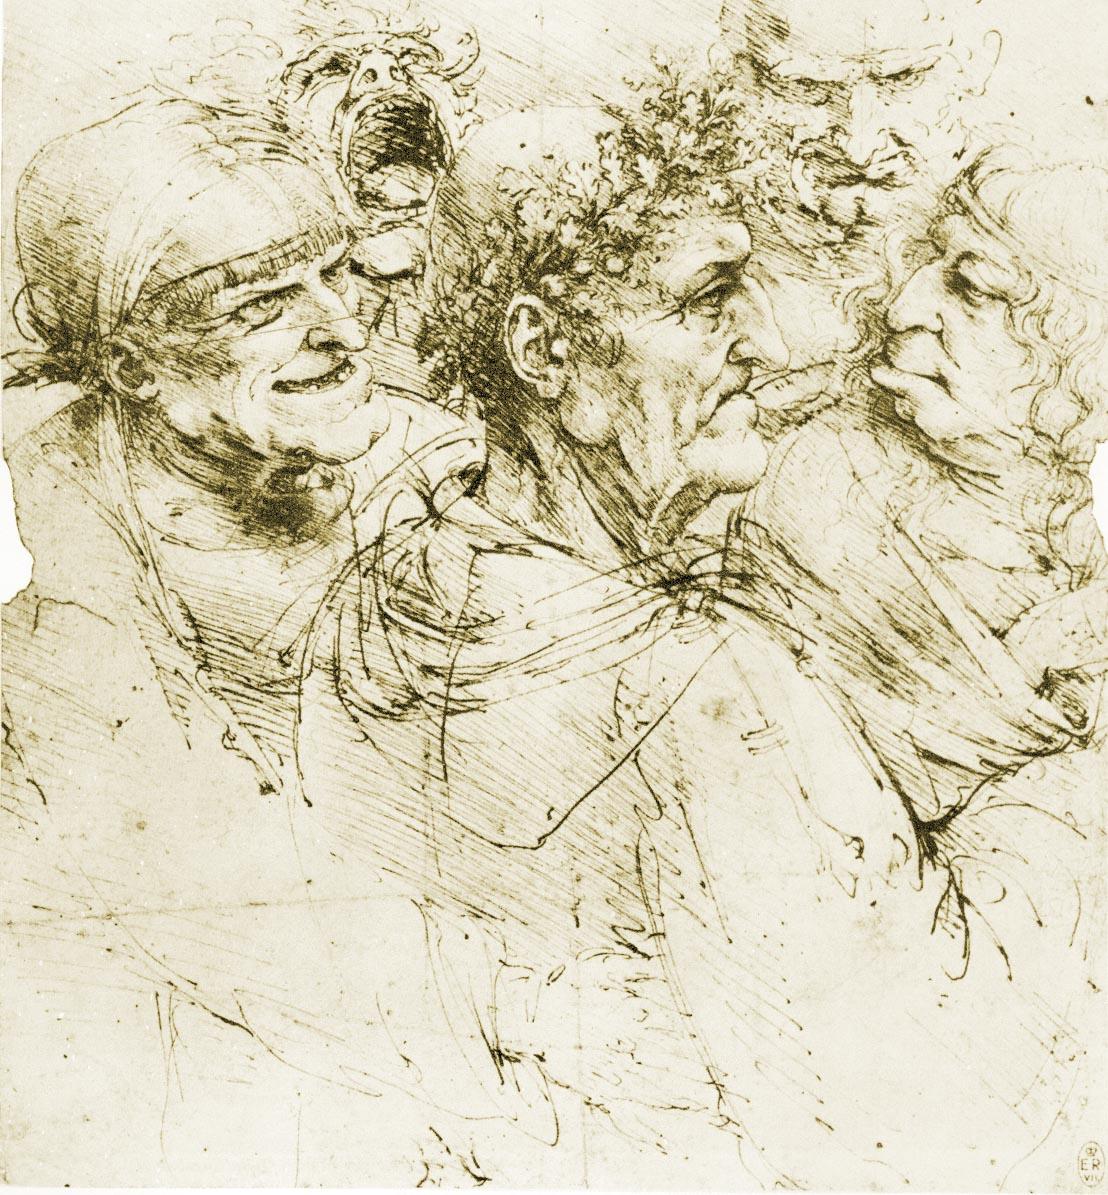 Cuadros de Leonardo Da Vinci [imagenes e info]